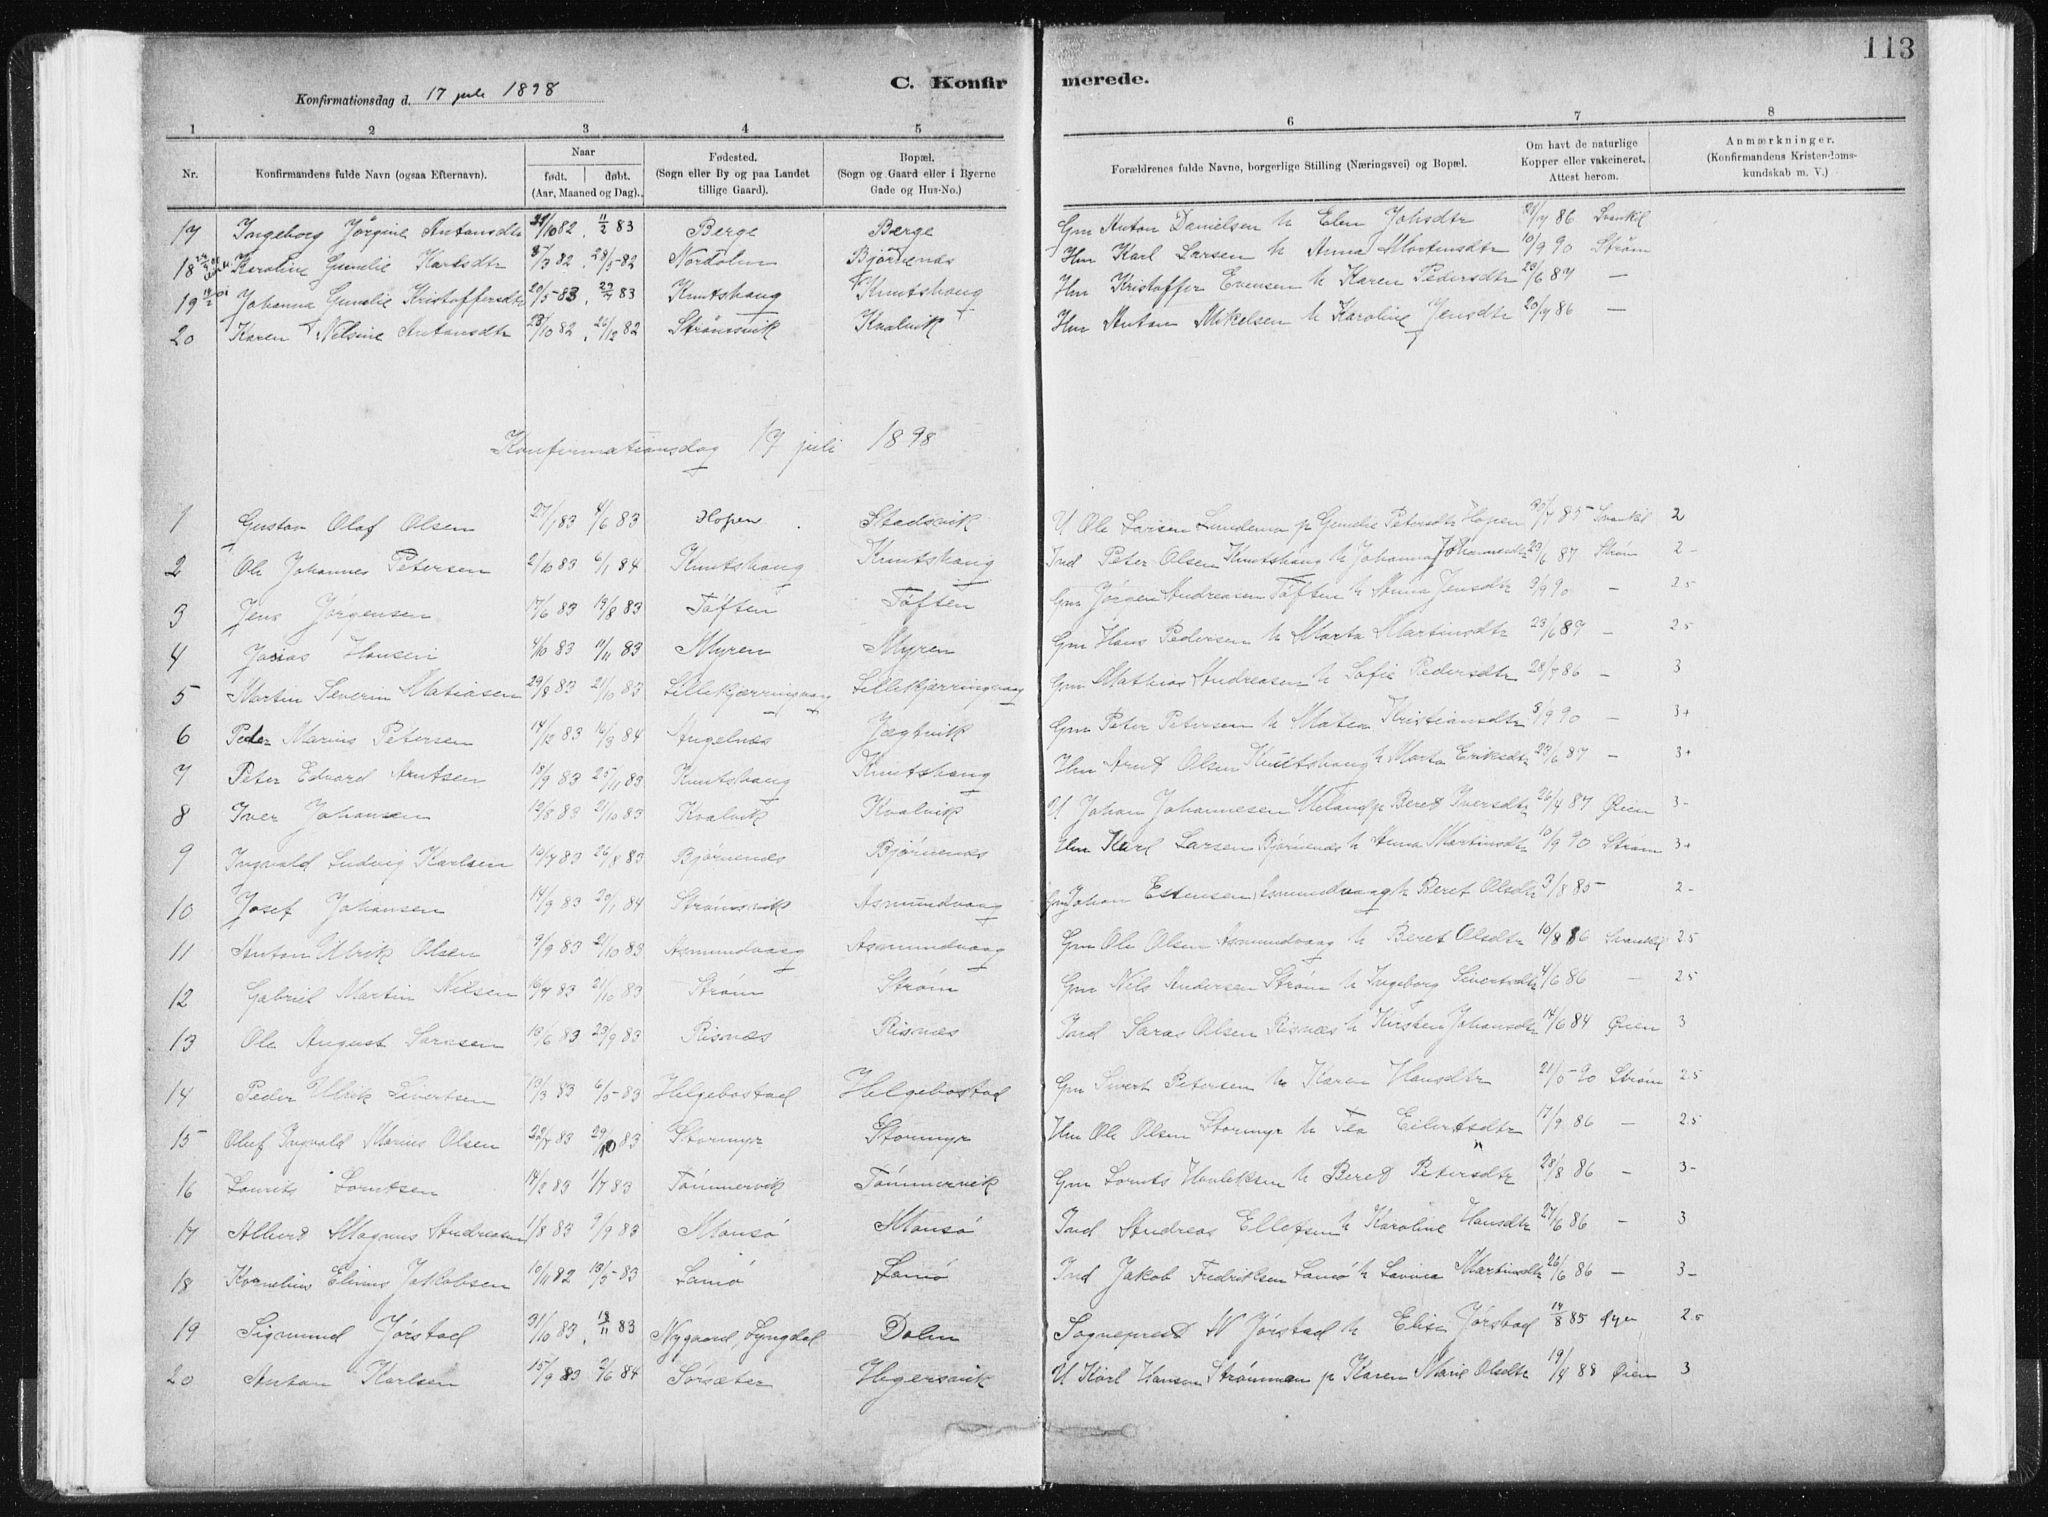 SAT, Ministerialprotokoller, klokkerbøker og fødselsregistre - Sør-Trøndelag, 634/L0533: Ministerialbok nr. 634A09, 1882-1901, s. 113